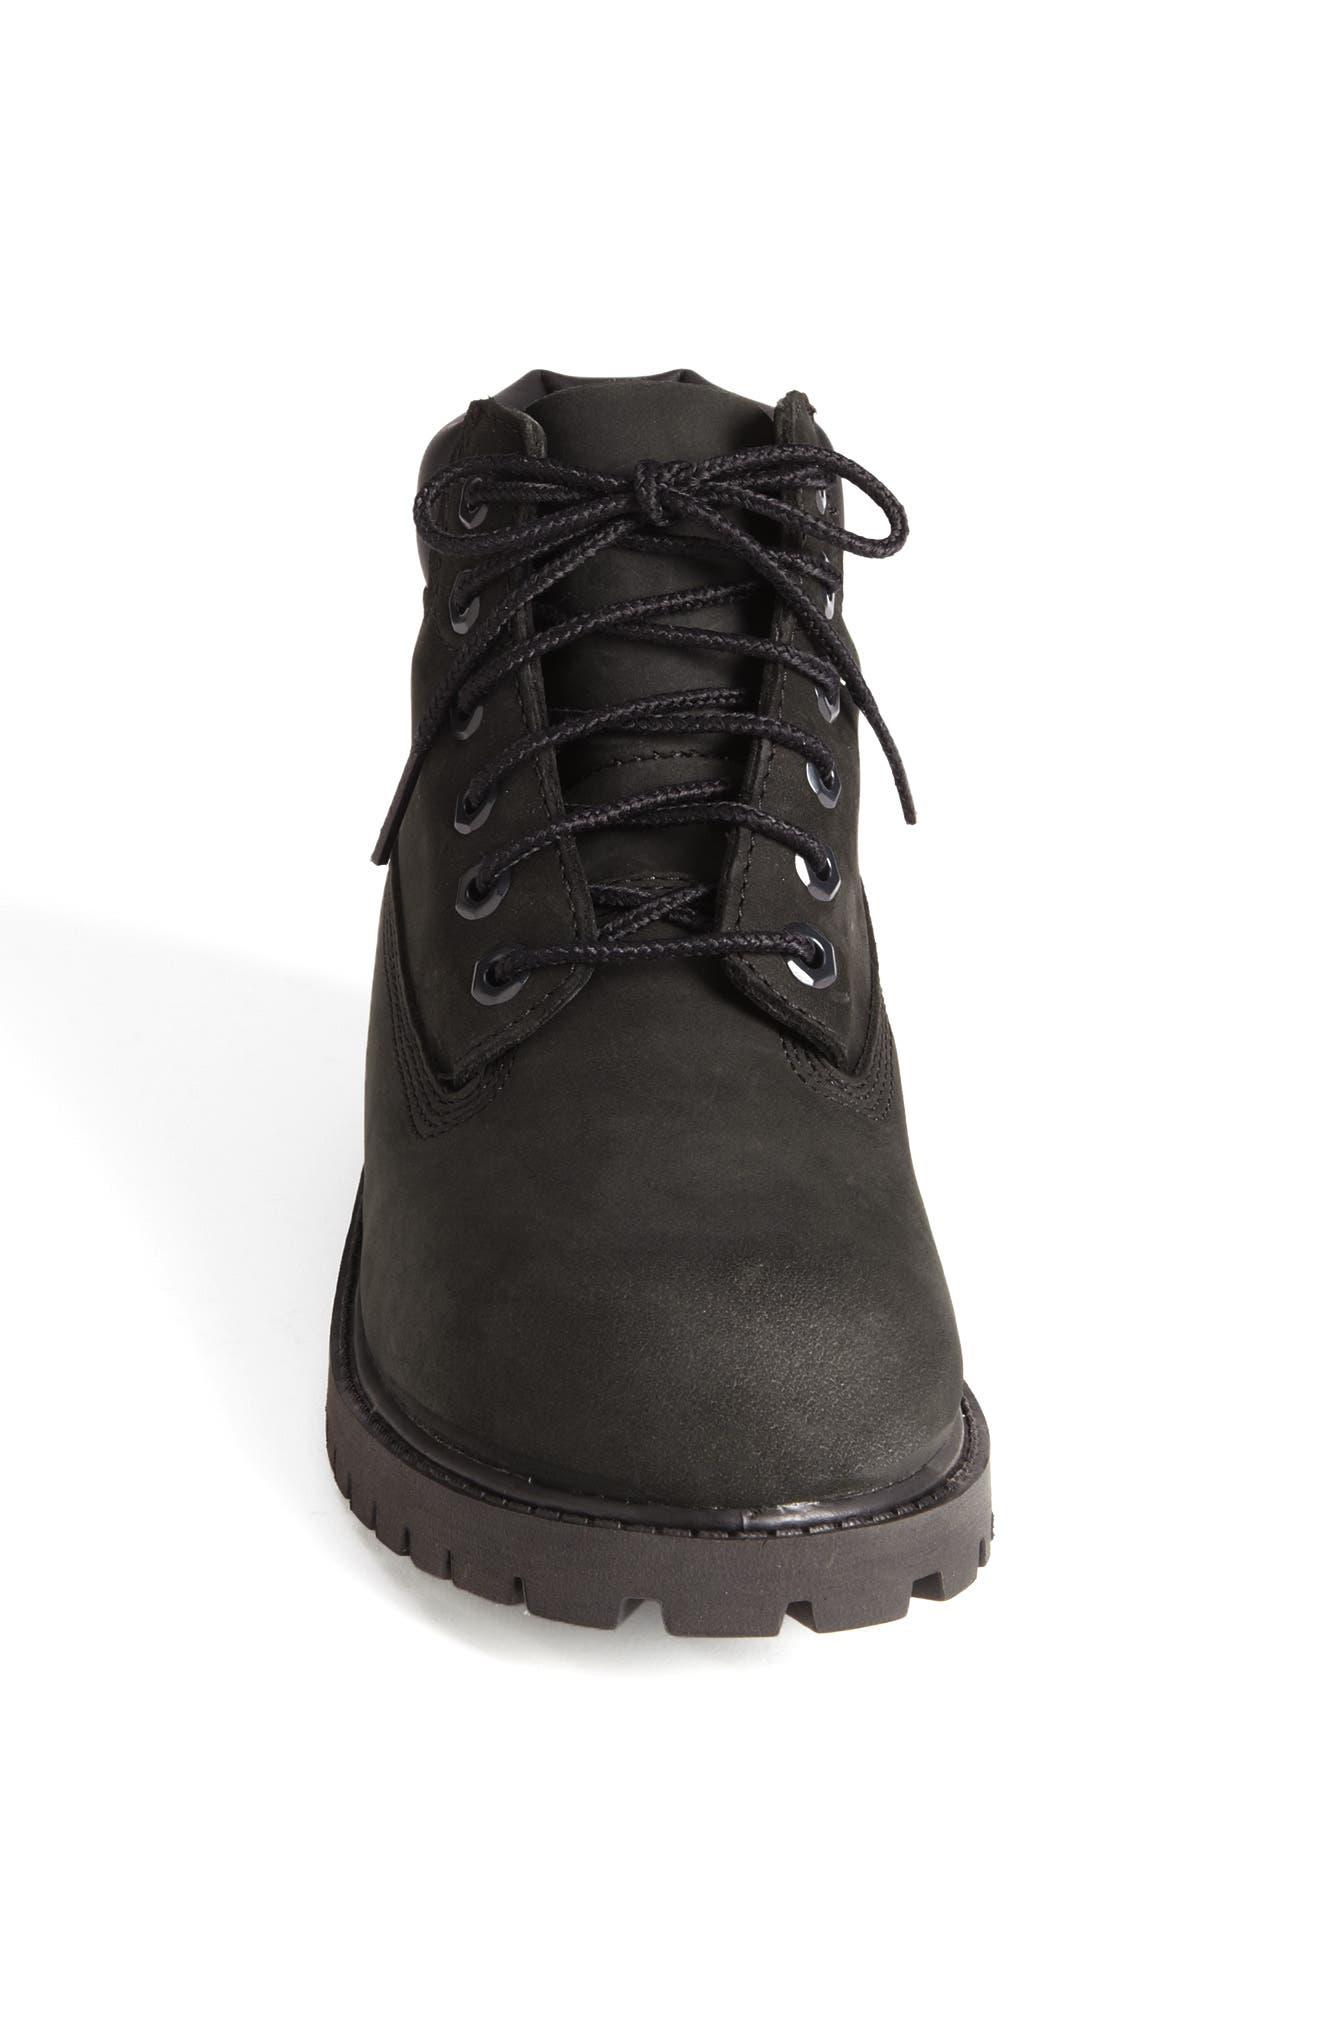 '6 Inch Premium' Waterproof Boot,                             Alternate thumbnail 4, color,                             001